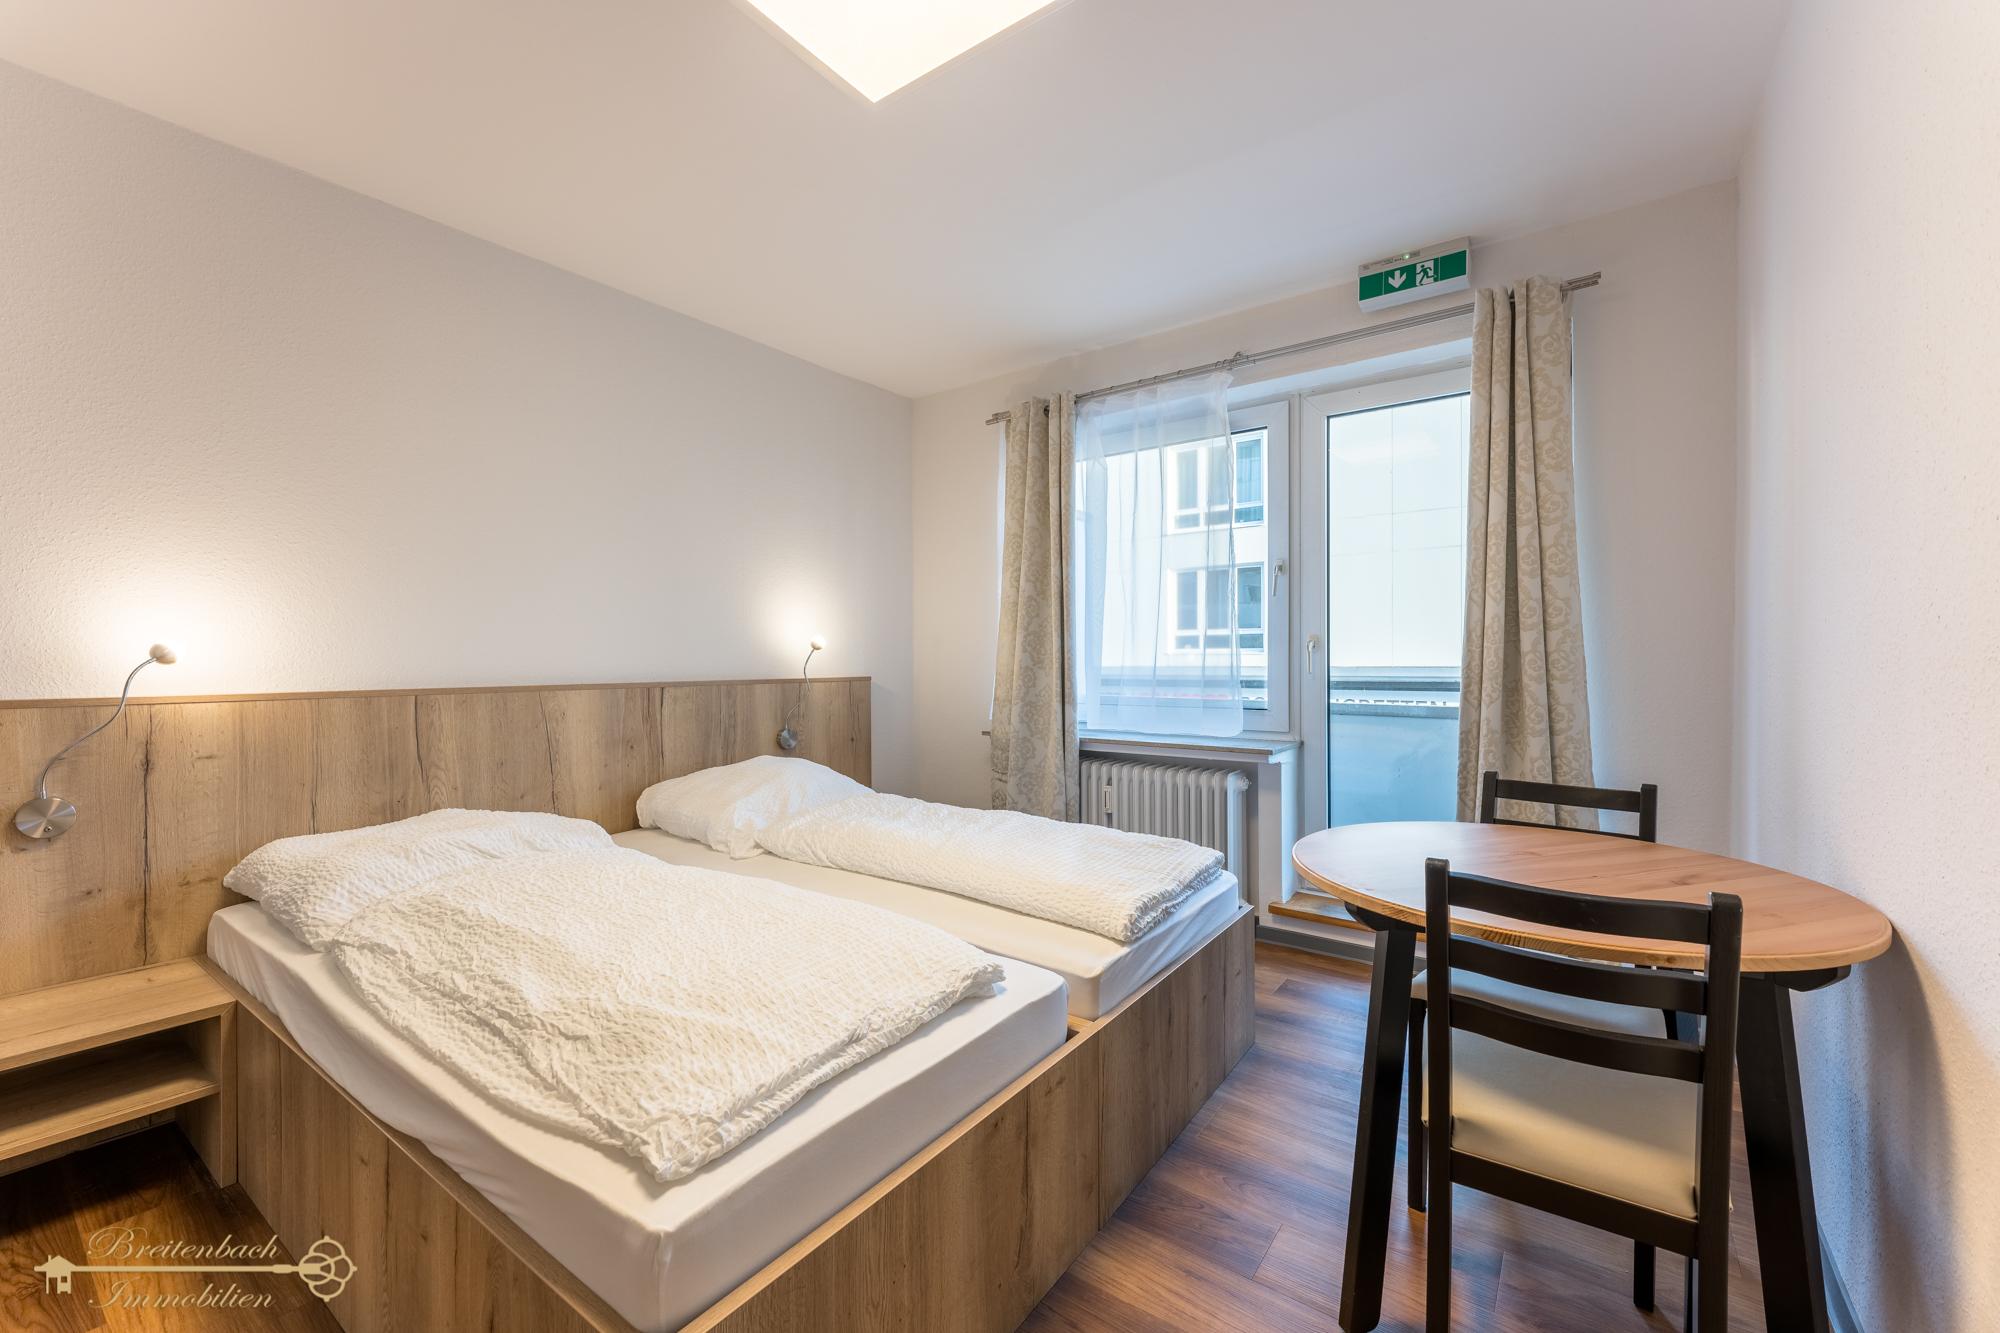 2021-02-14-Breitenbach-Immobilien-Makler-Bremen-12